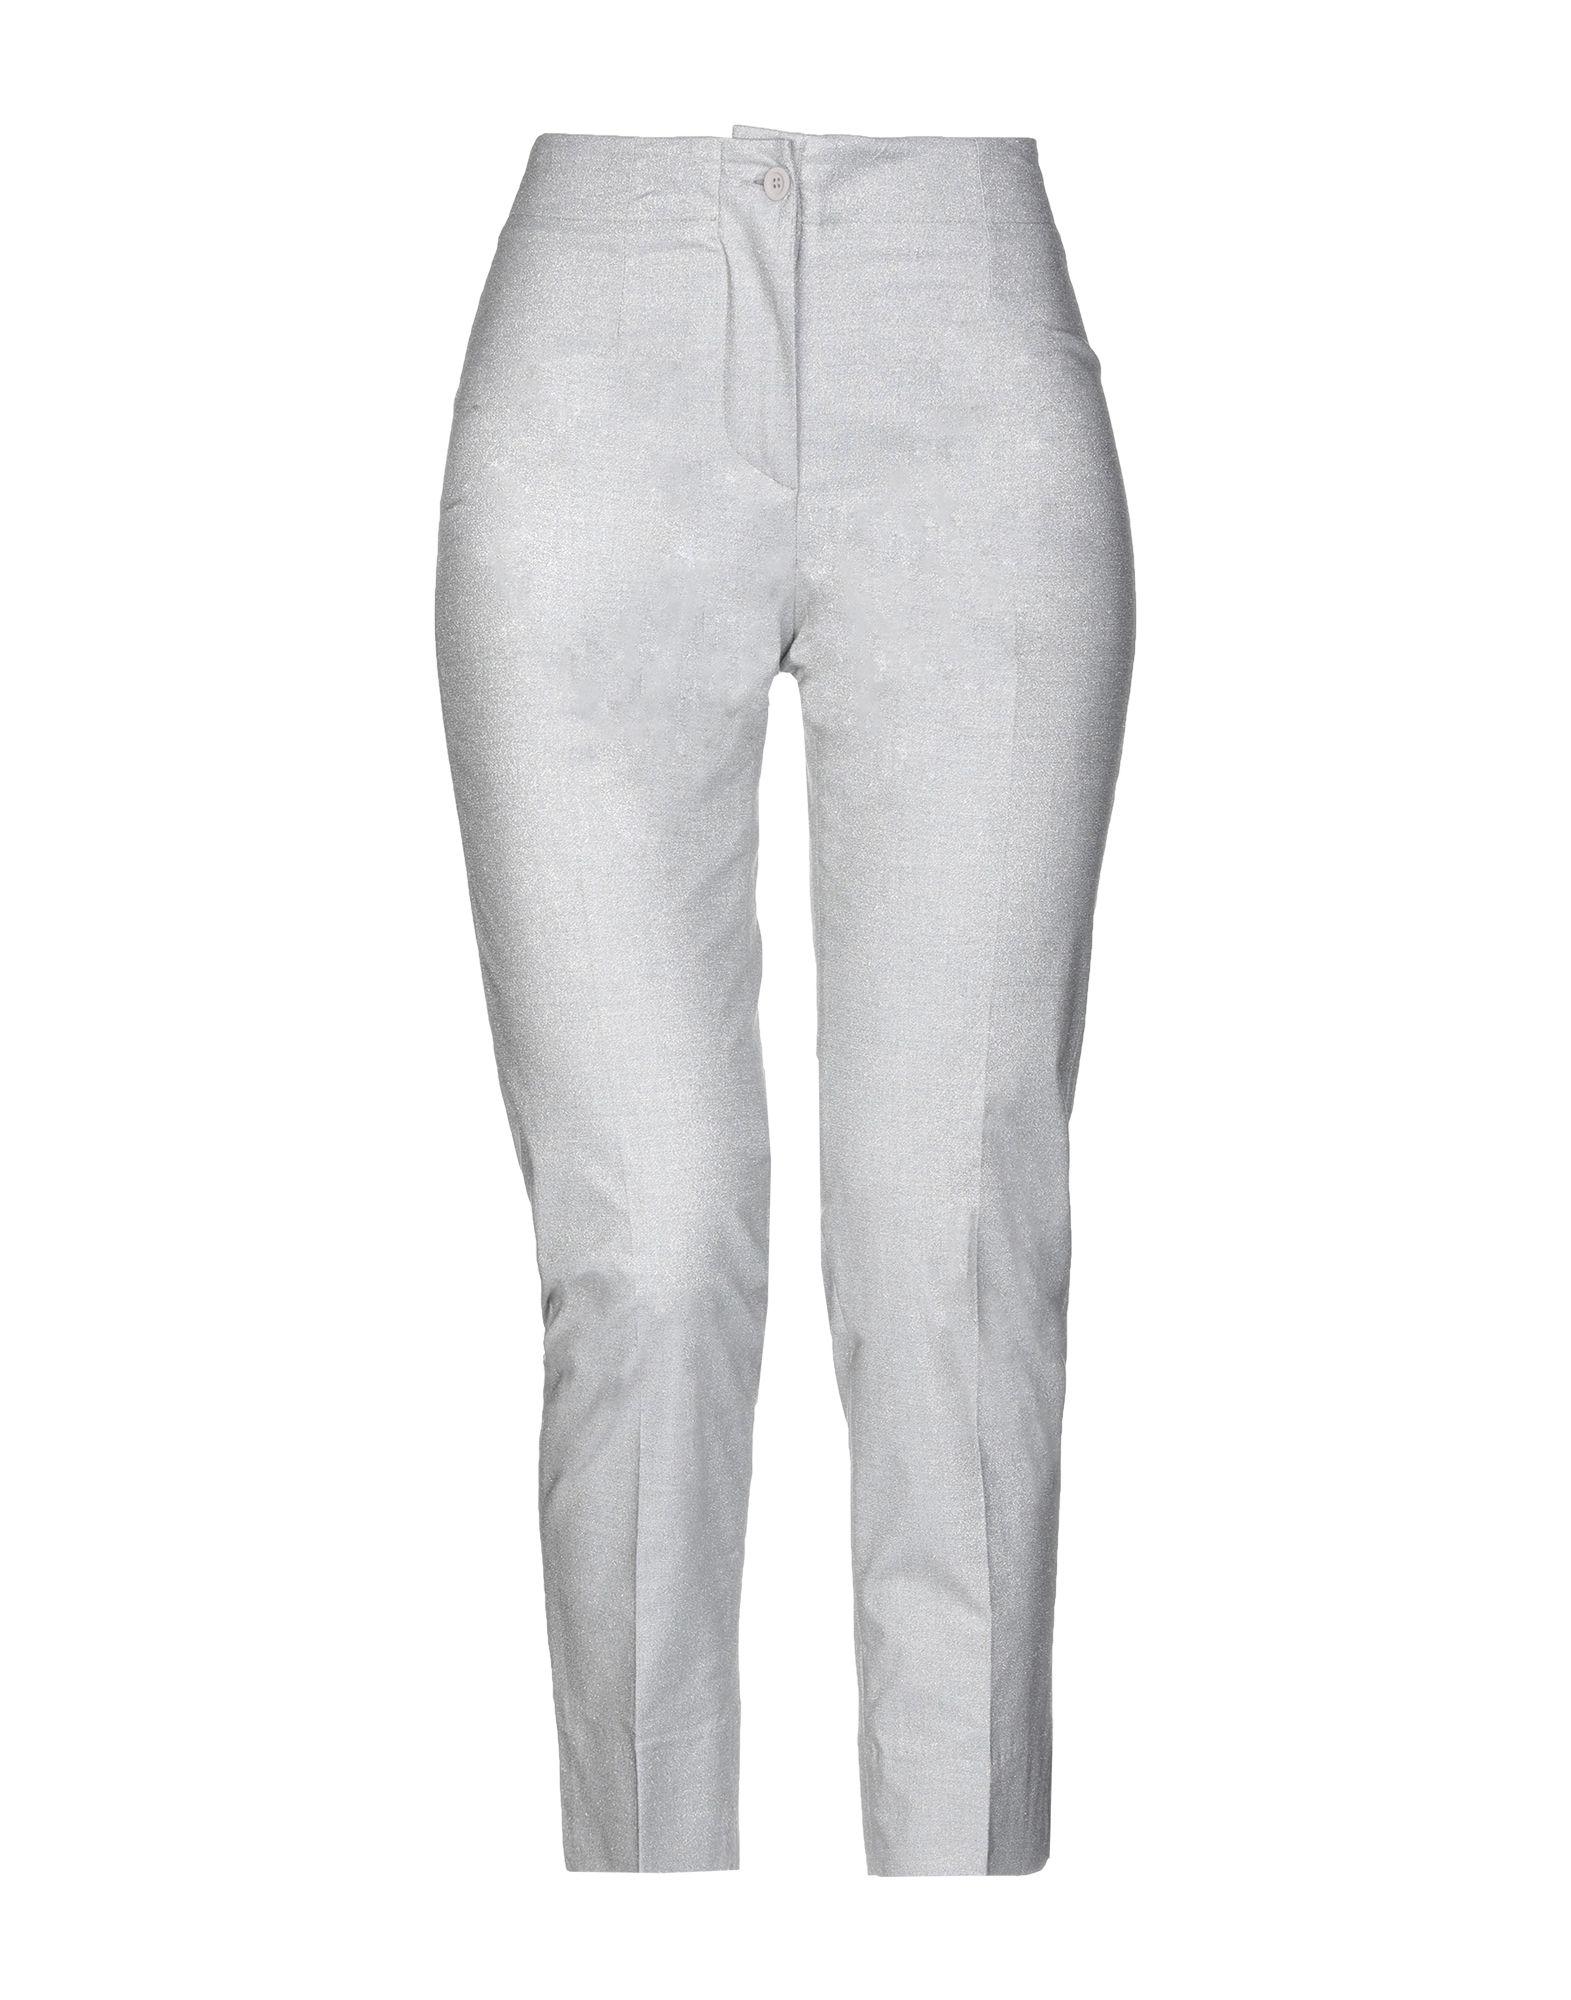 AMINA RUBINACCI Повседневные брюки amina rubinacci широкие брюки с завязками